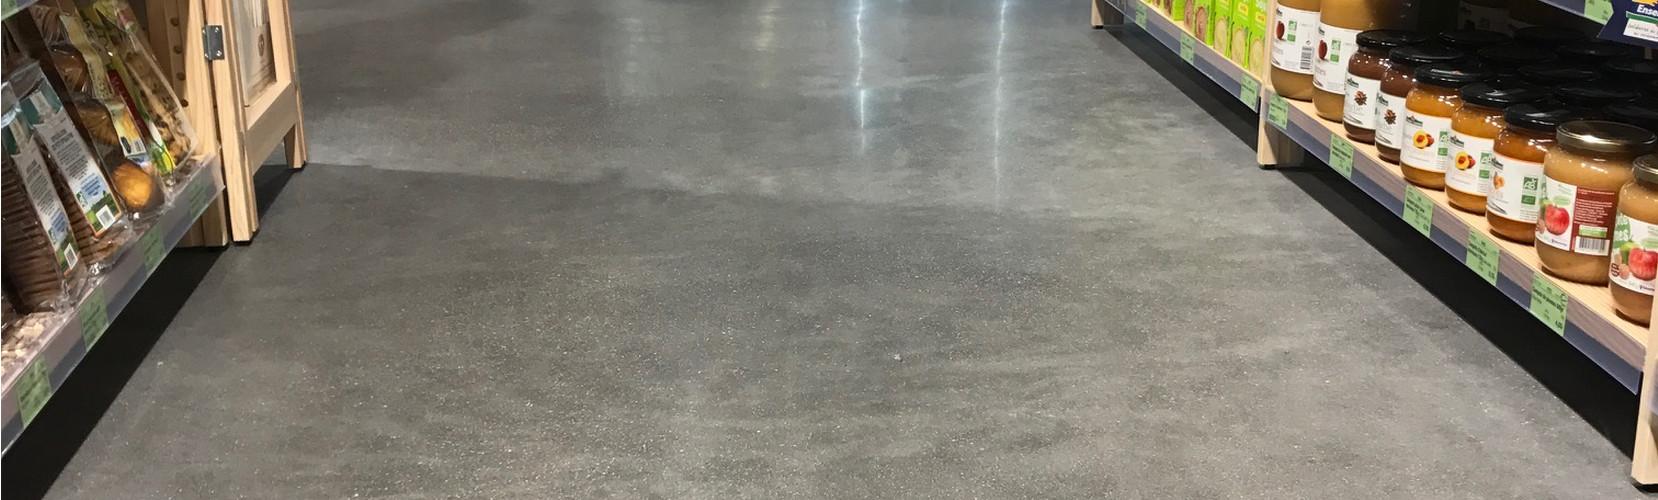 polir du beton good les bases de la question with polir du beton trendy poncage bton quel. Black Bedroom Furniture Sets. Home Design Ideas